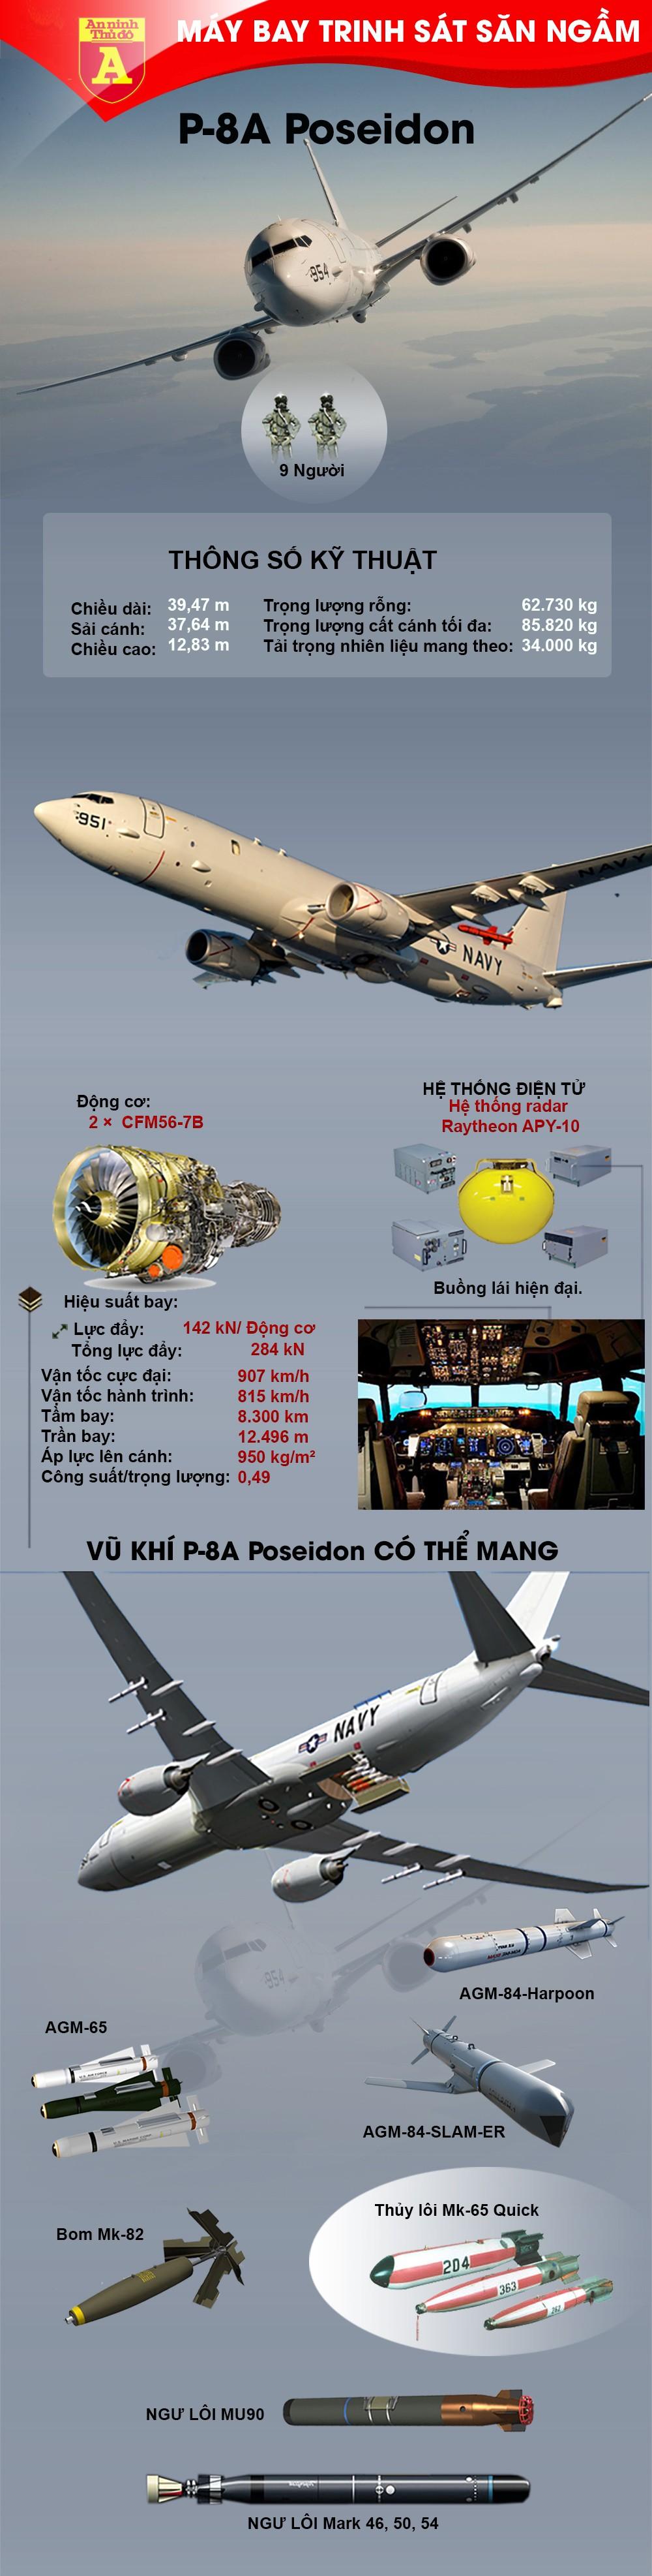 [Info] Mỹ bất ngờ điều máy bay săn ngầm mạnh nhất thế giới tới Biển Đông ảnh 2